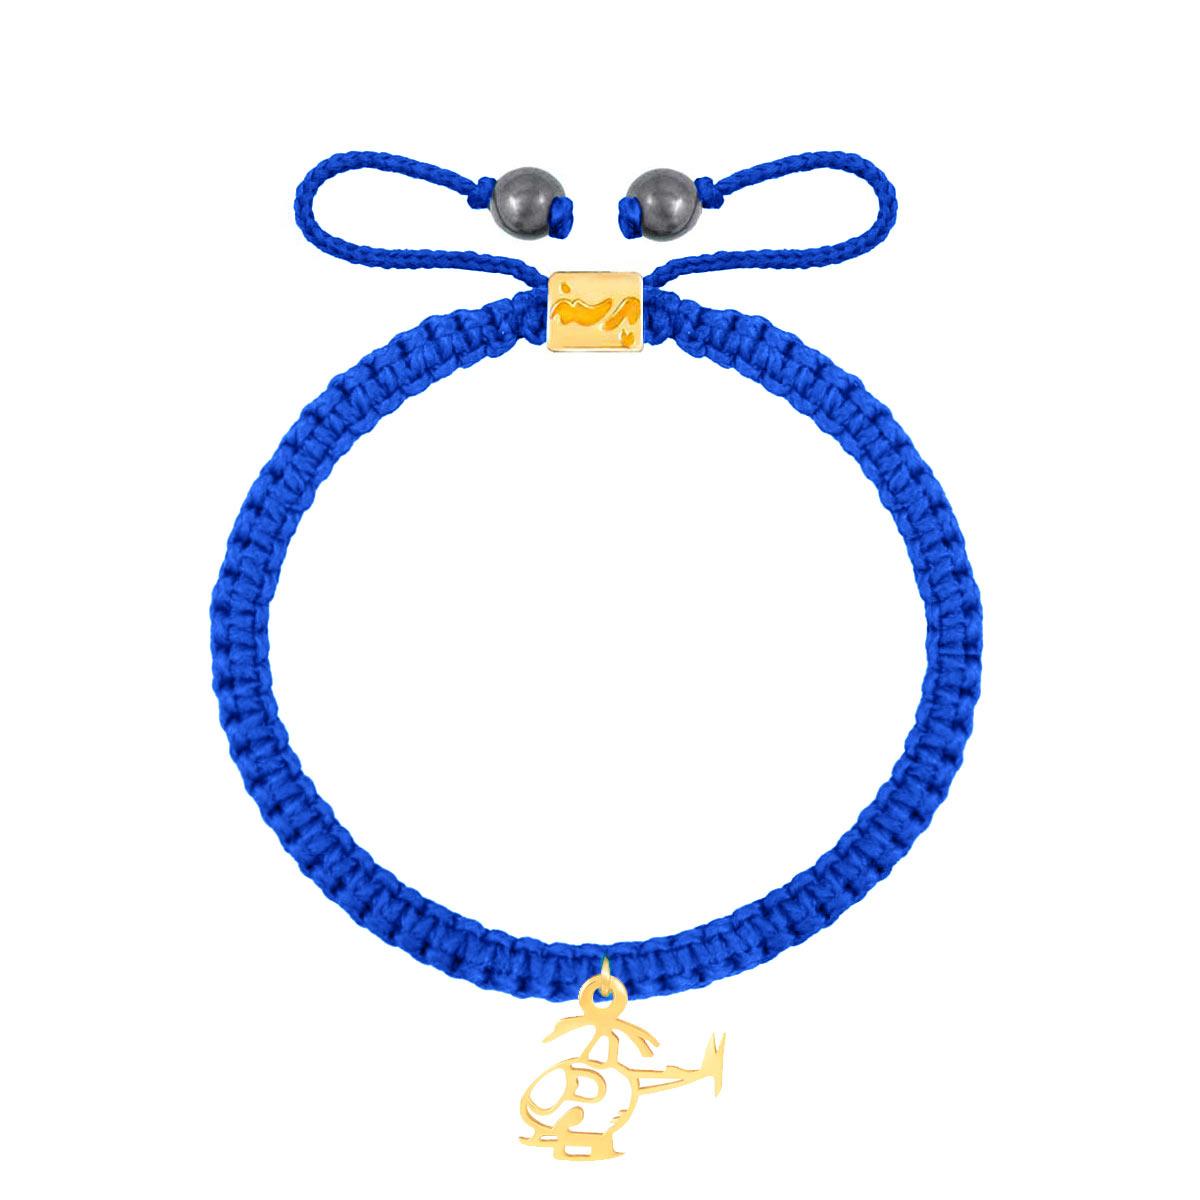 دستبند طلا بچه گانه بافت هلی کوپتر